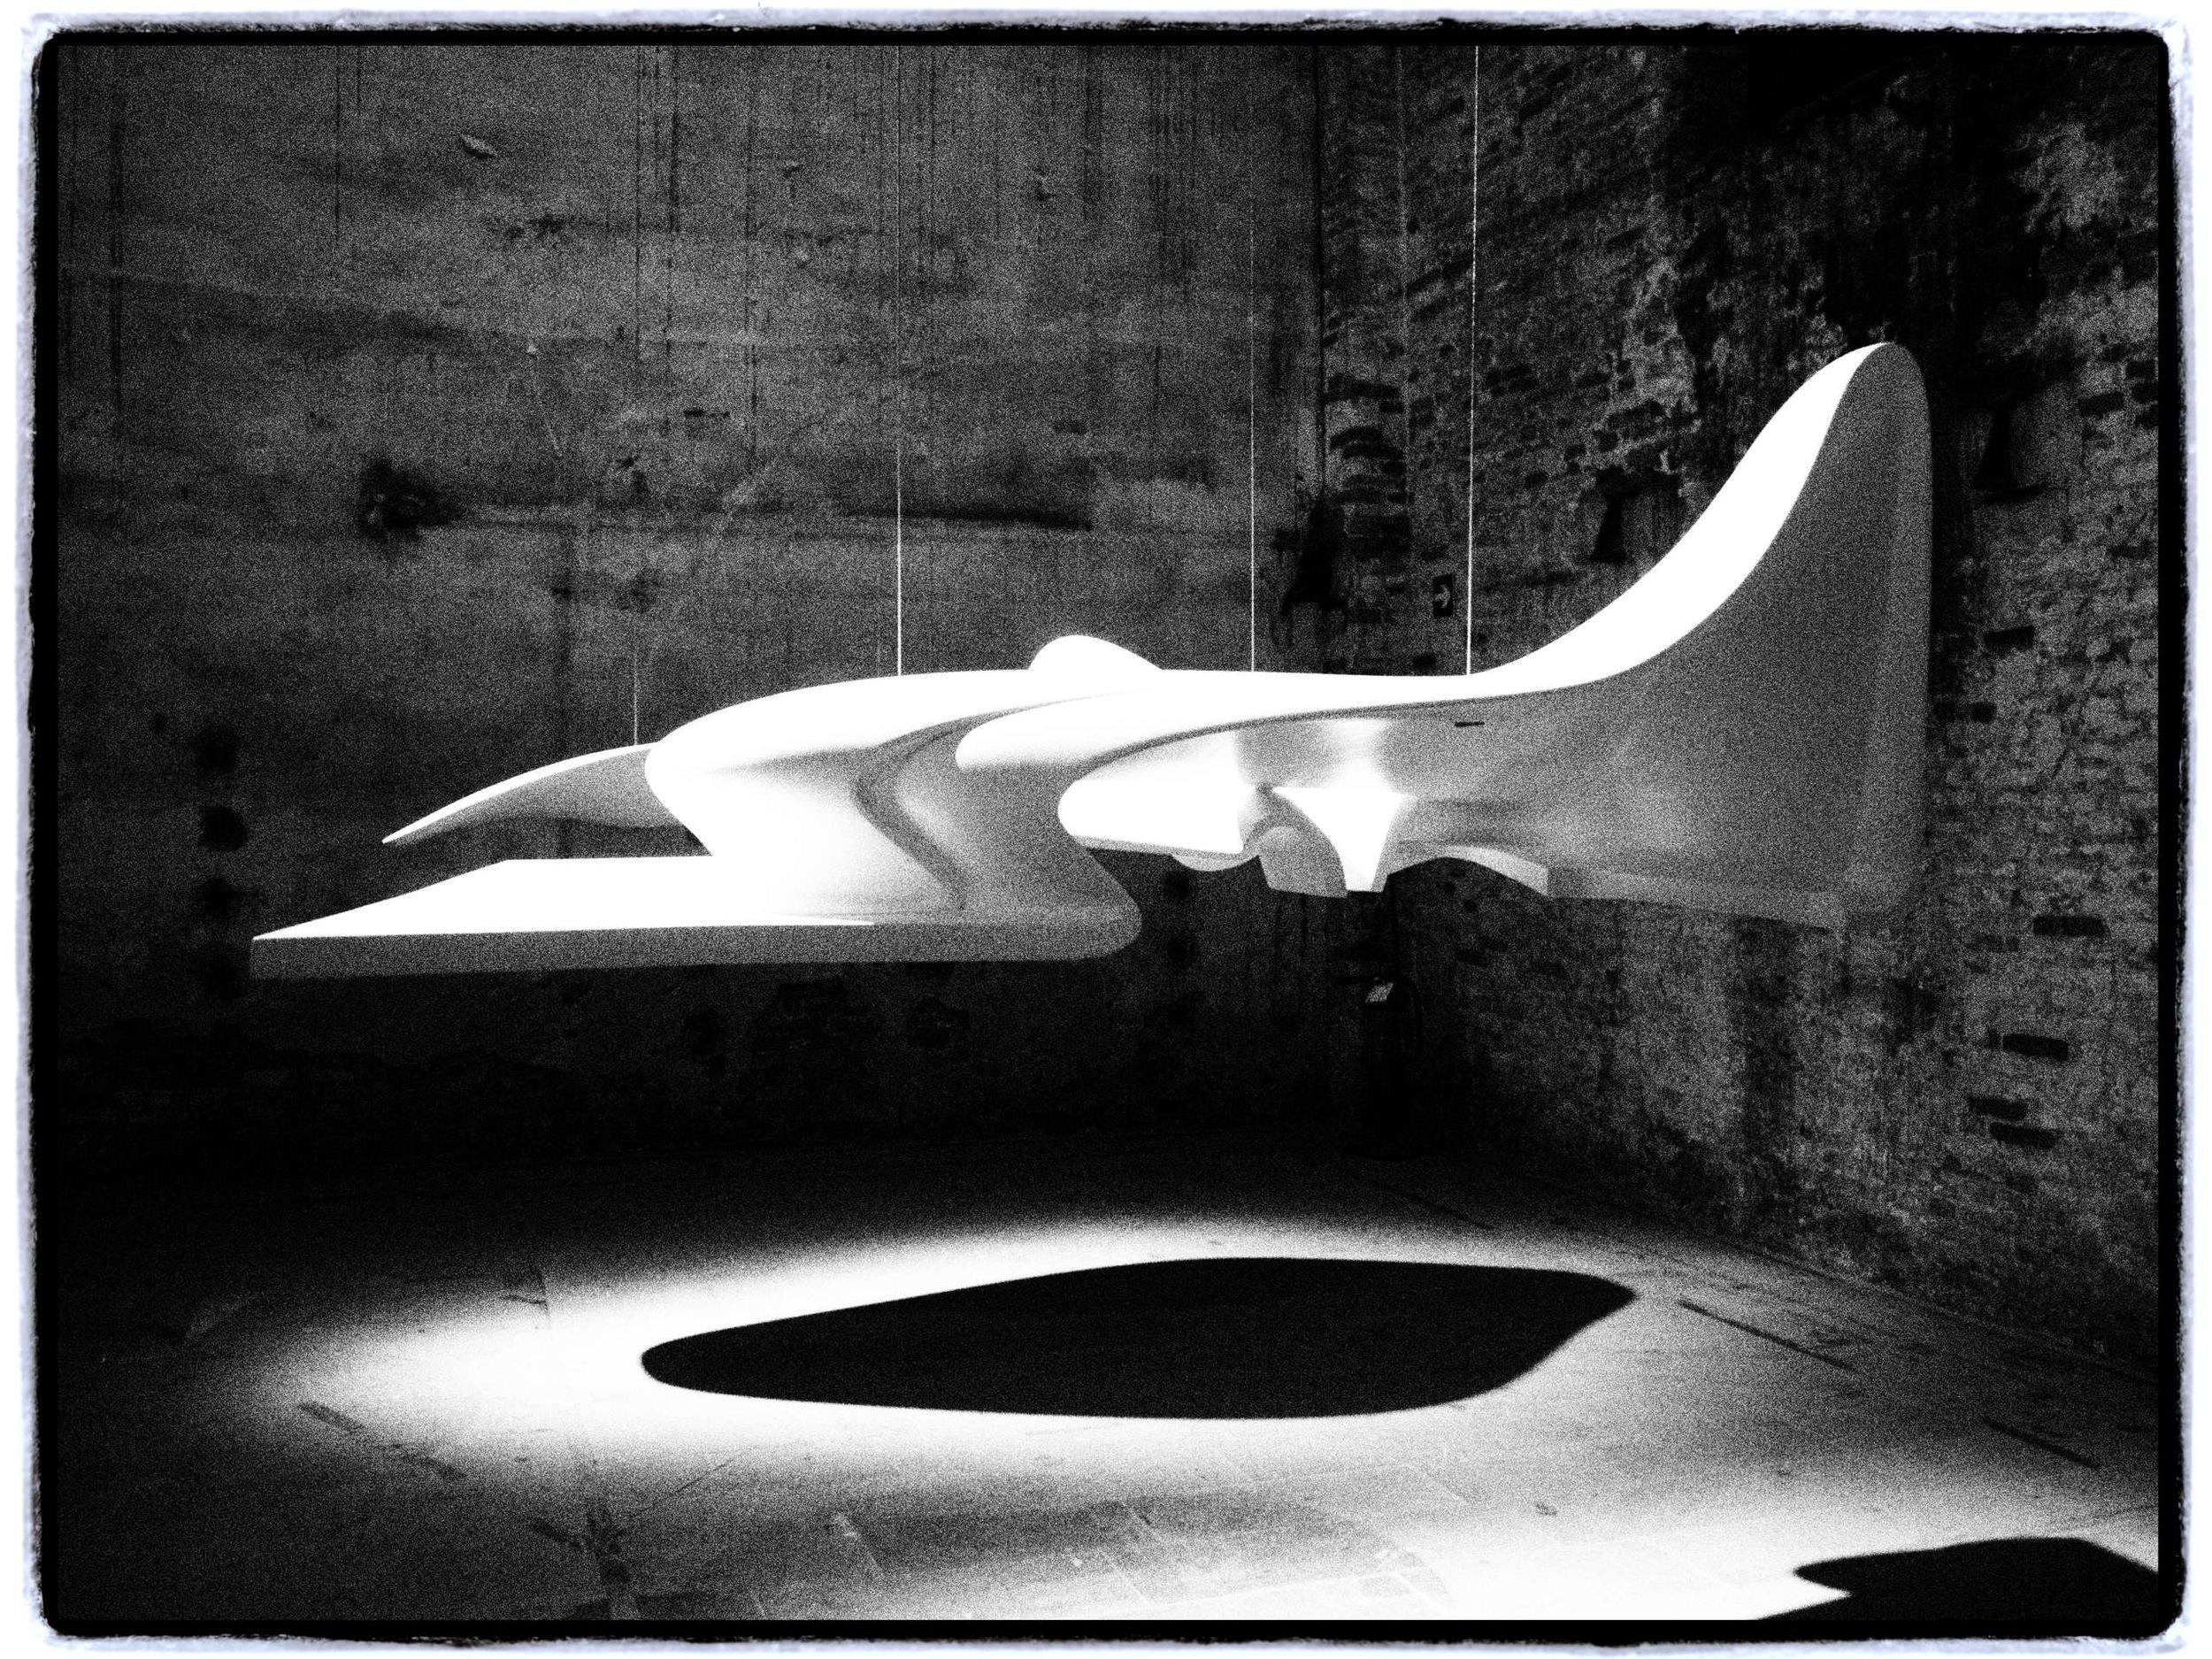 Venice Biennale 2012 (image Mark Wiltshire)